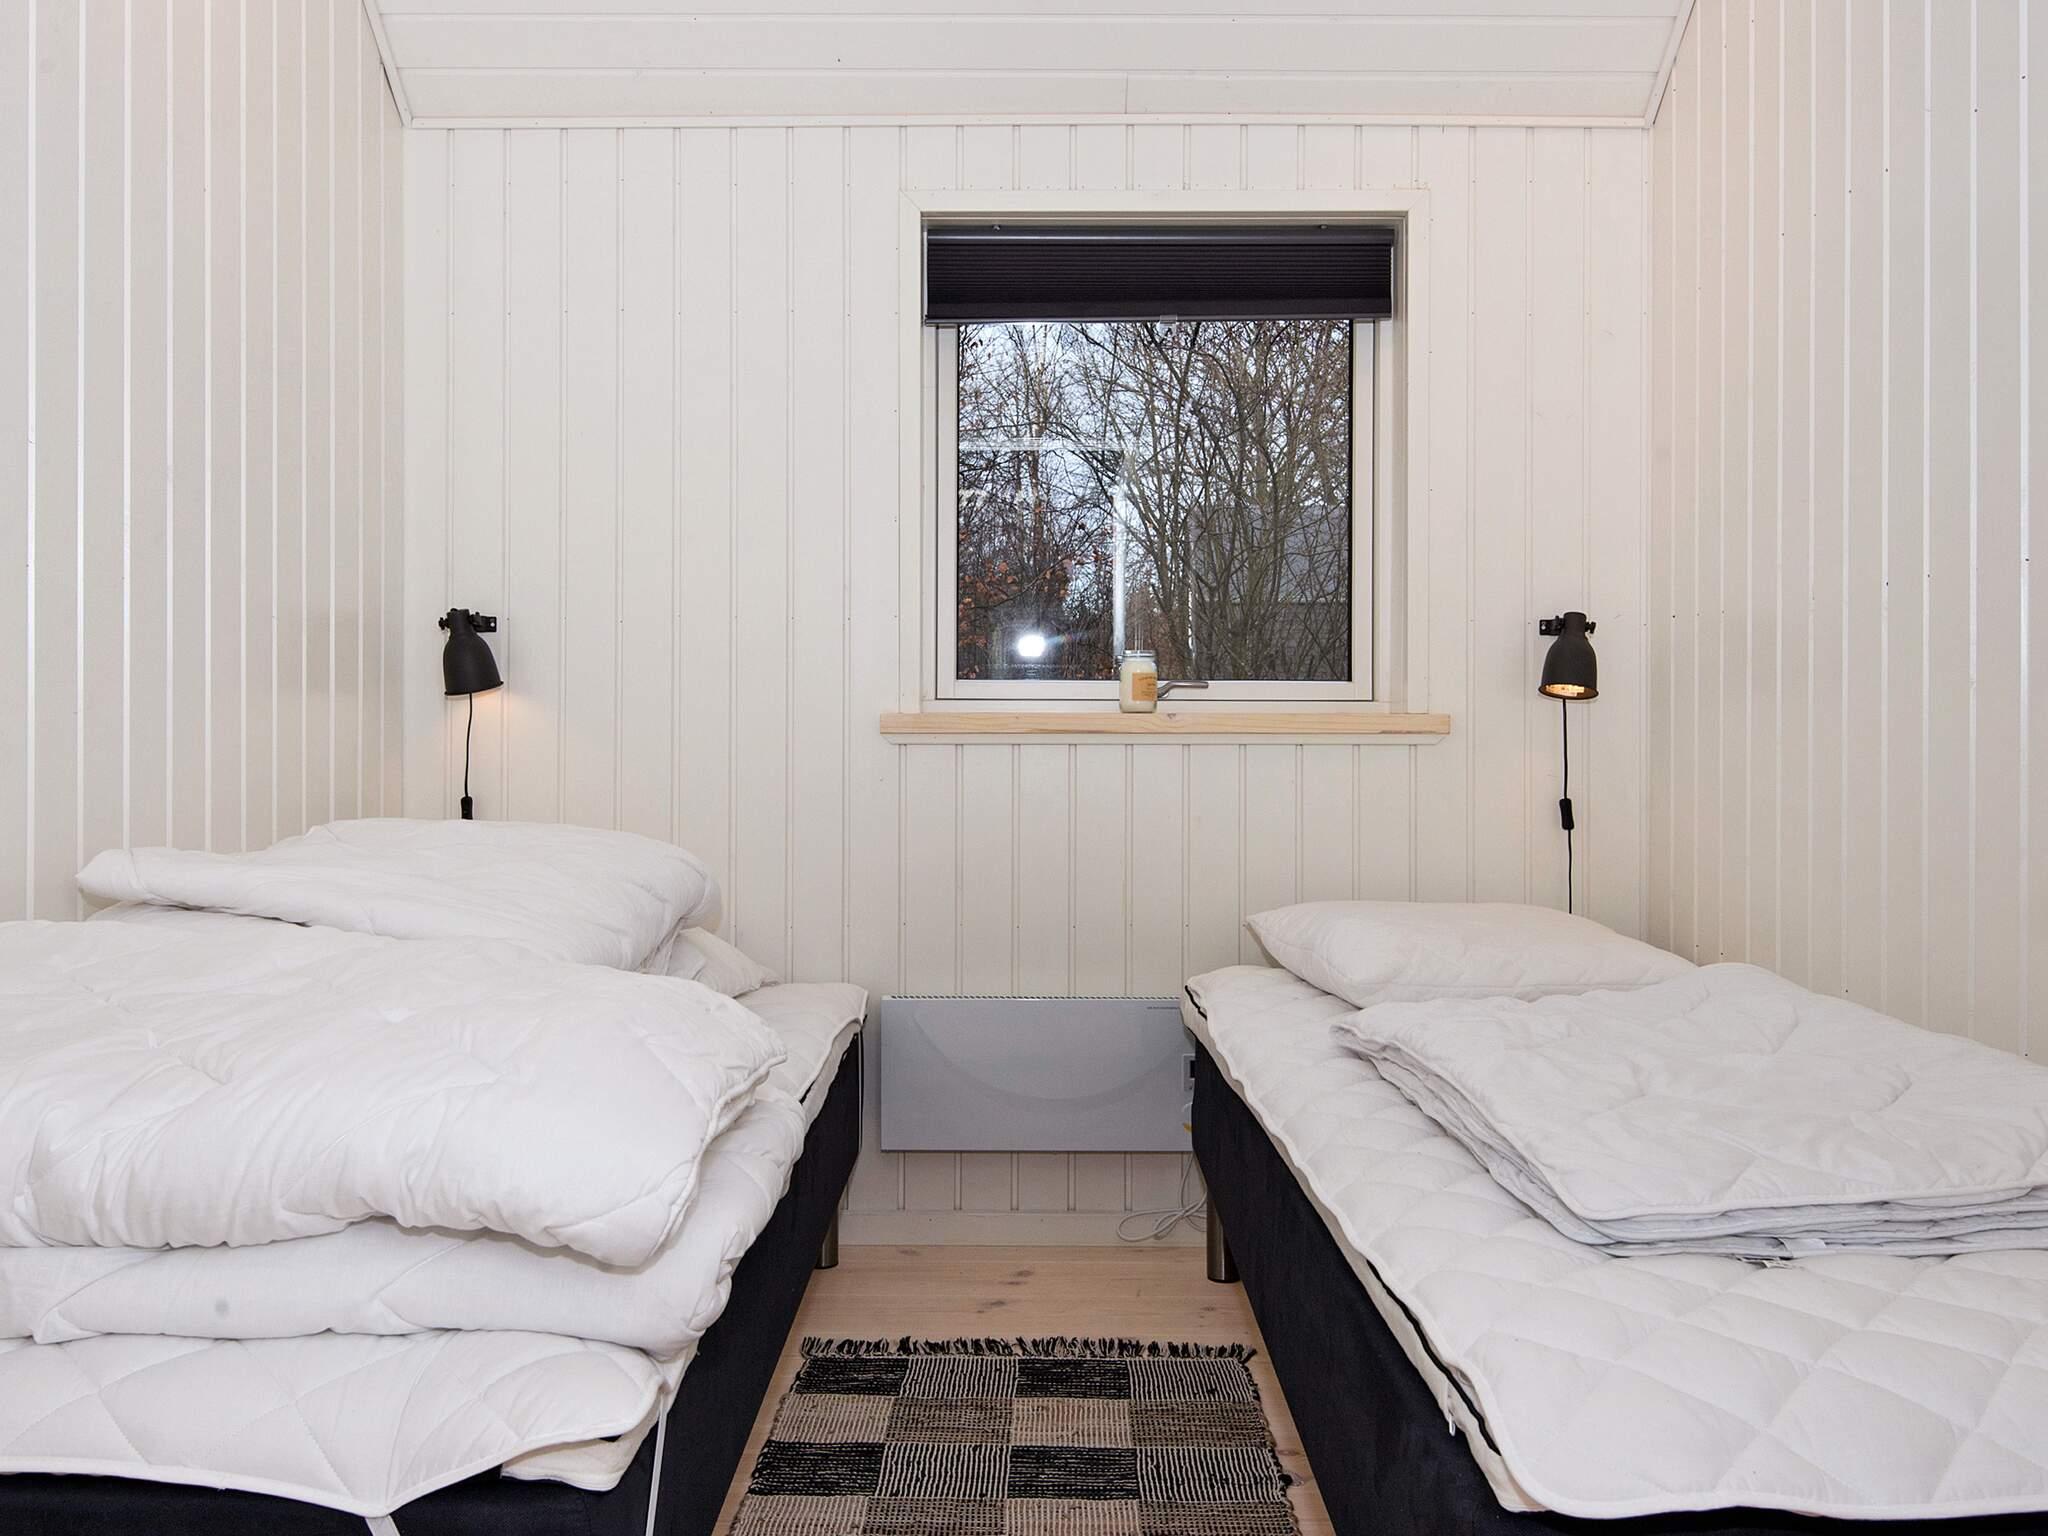 Ferienhaus Silkeborg (2523581), Silkeborg, , Ostjütland, Dänemark, Bild 13